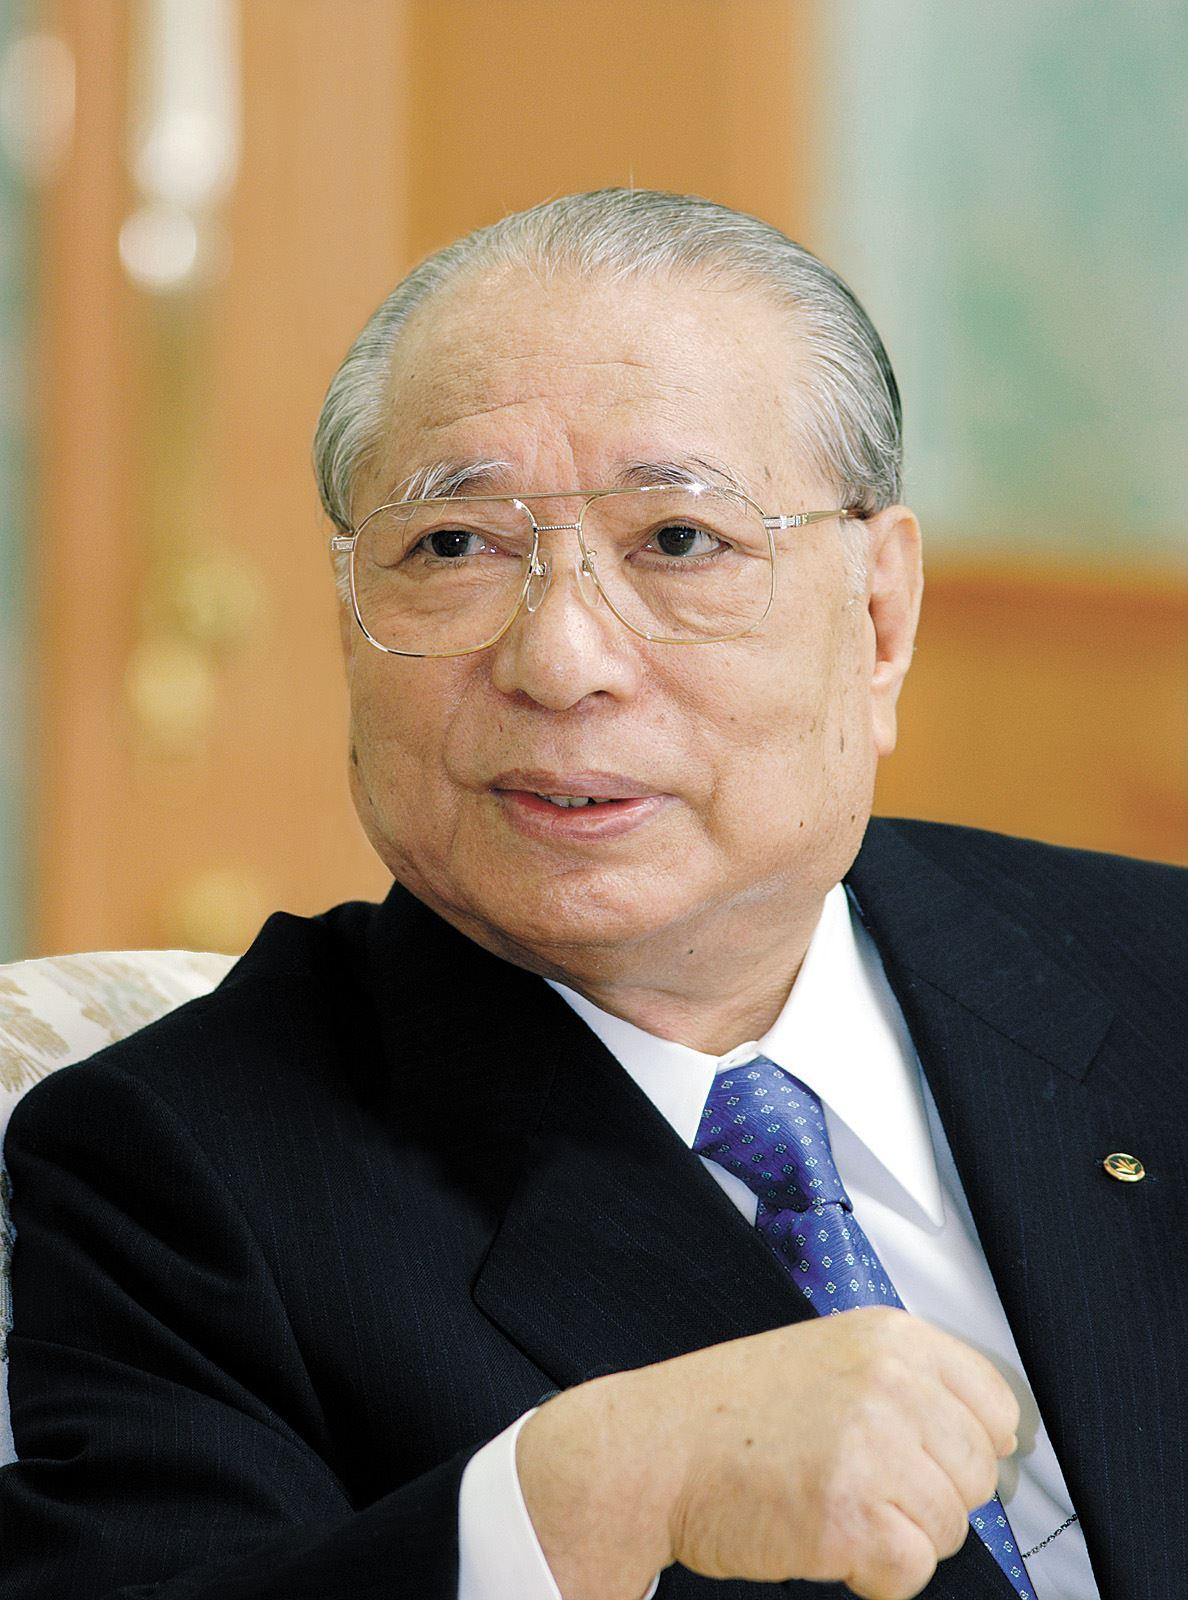 http://www.moonmentum.com/blog/wp-content/uploads/2009/12/daisaku-ikeda.jpg